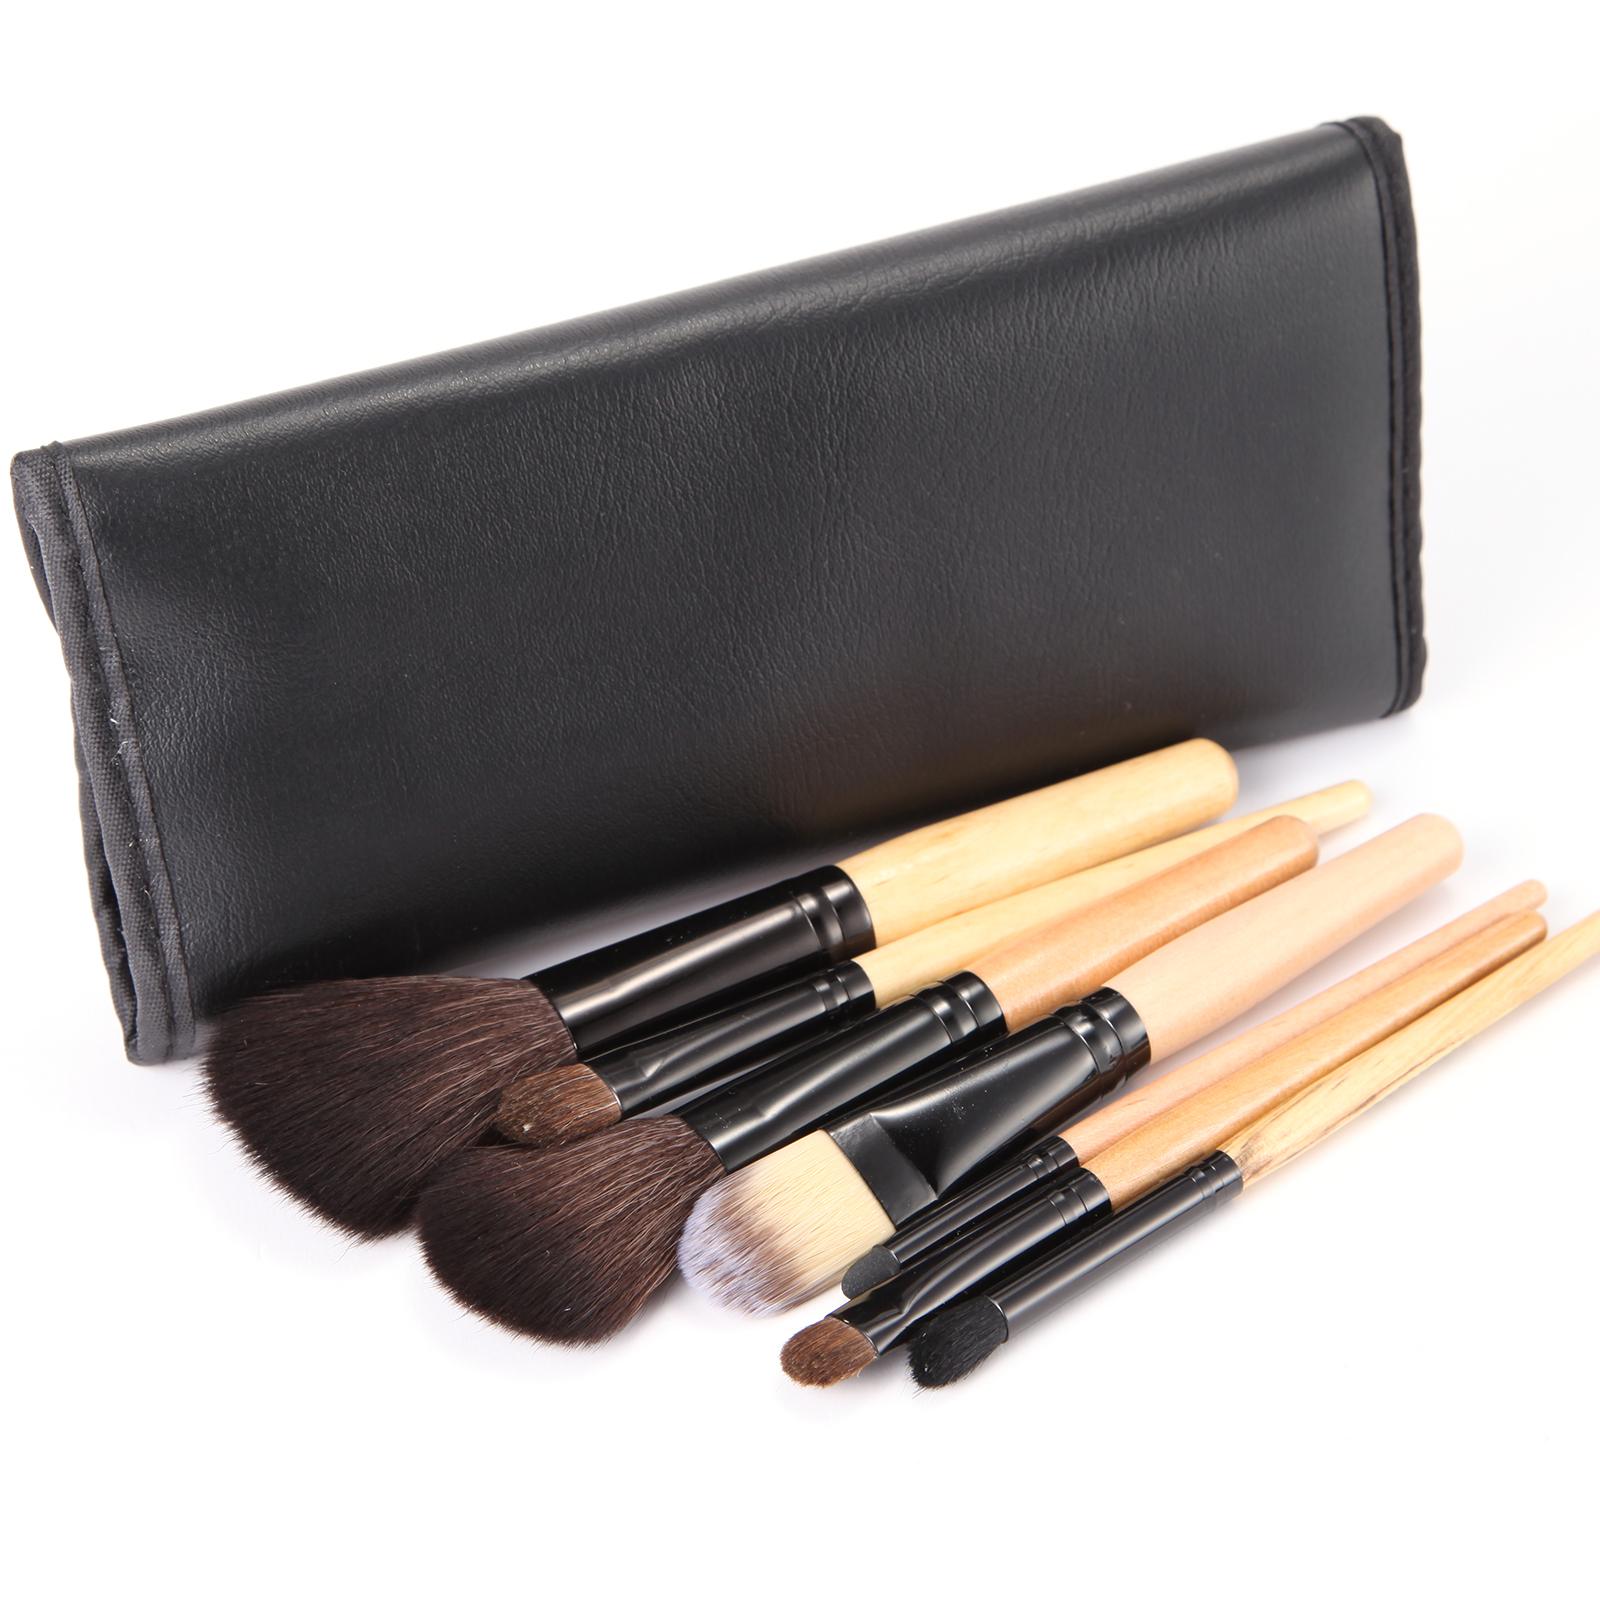 7er make up fantastisch kosmetik pinsel mit schwarze. Black Bedroom Furniture Sets. Home Design Ideas